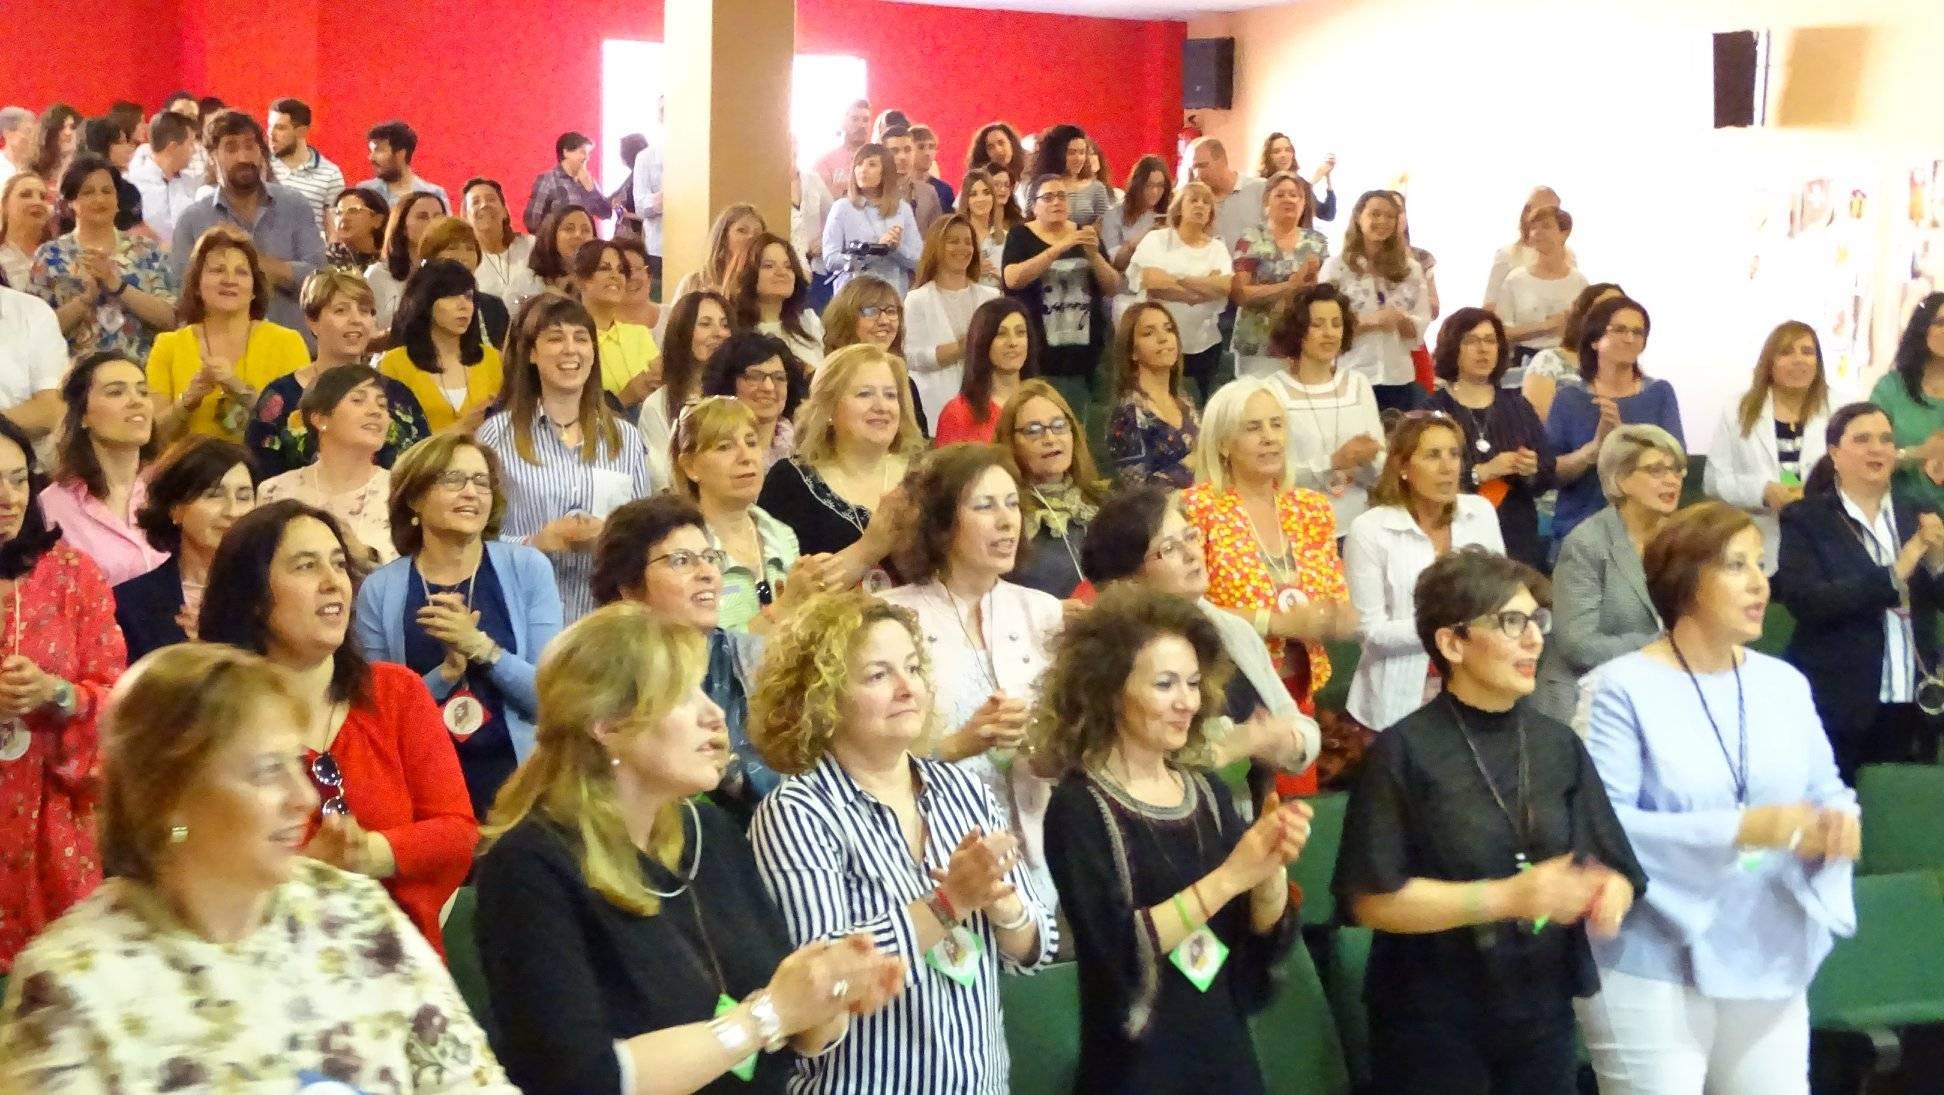 Fotografías y vídeos del encuentro de antiguos alumnos del colegio Nuestra Señora de la Merced 3